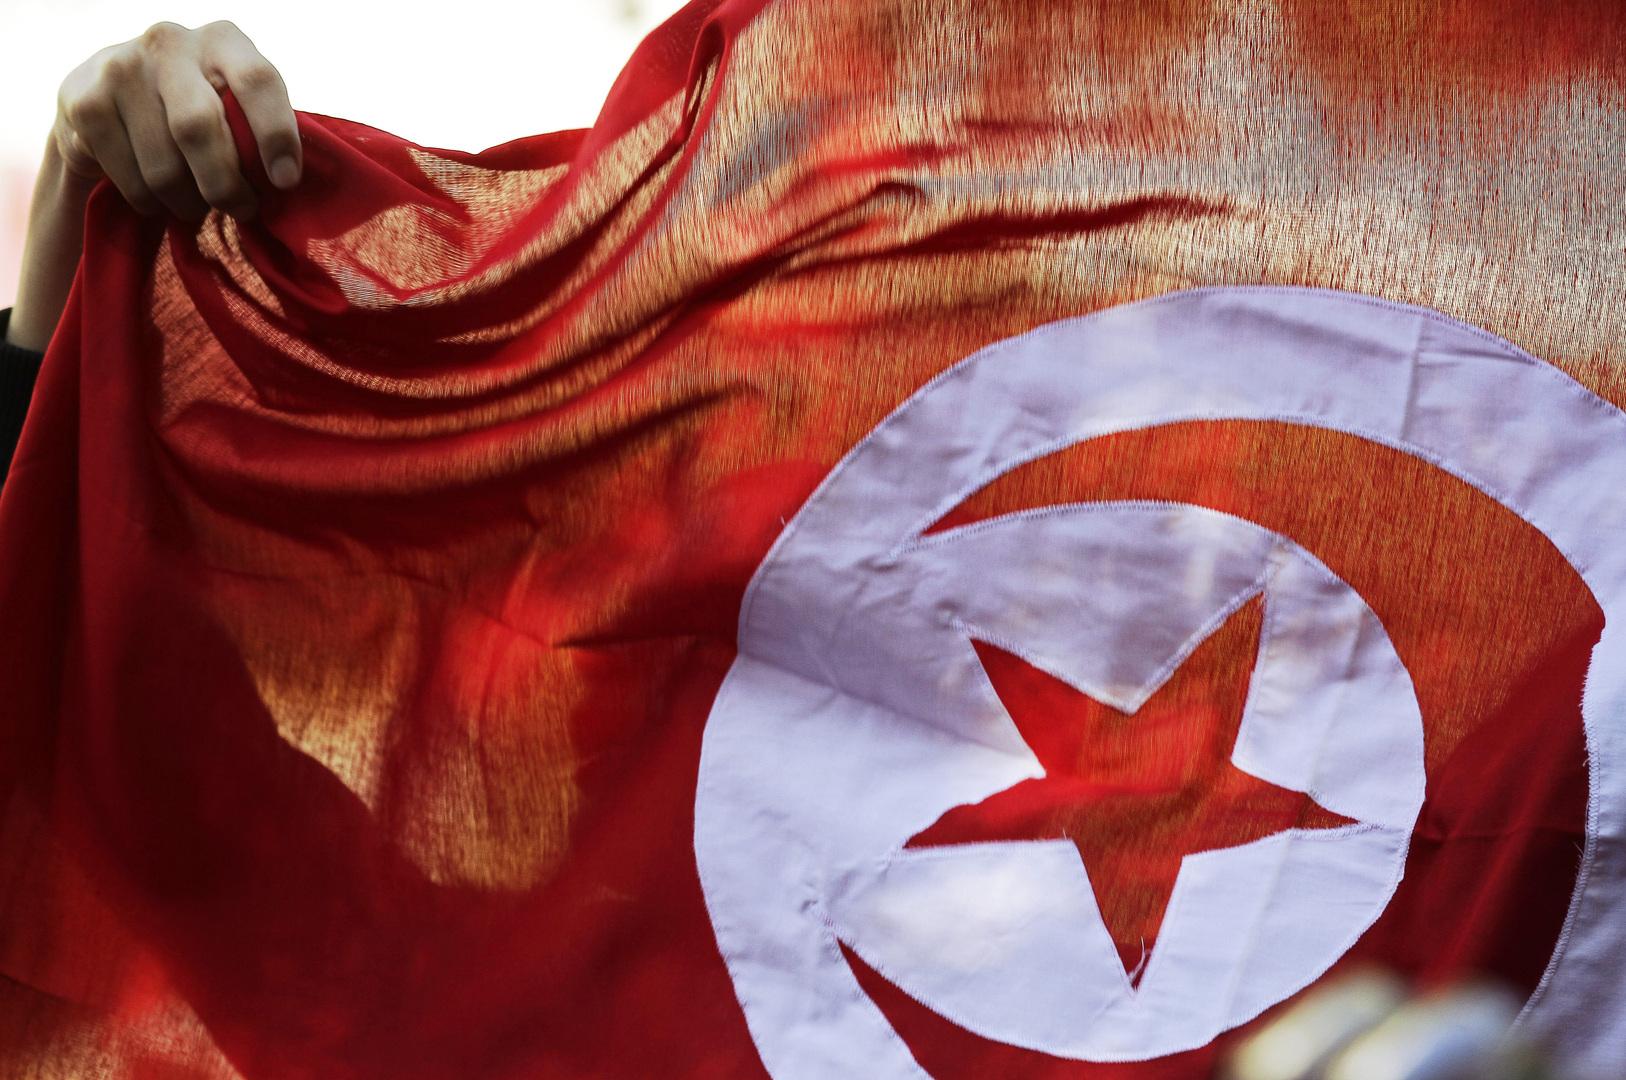 هيئة المحامين التونسية تدعو سعيّد إلى فتح كل ملفات الفساد وتعديل القانون الانتخابي والنظام السياسي